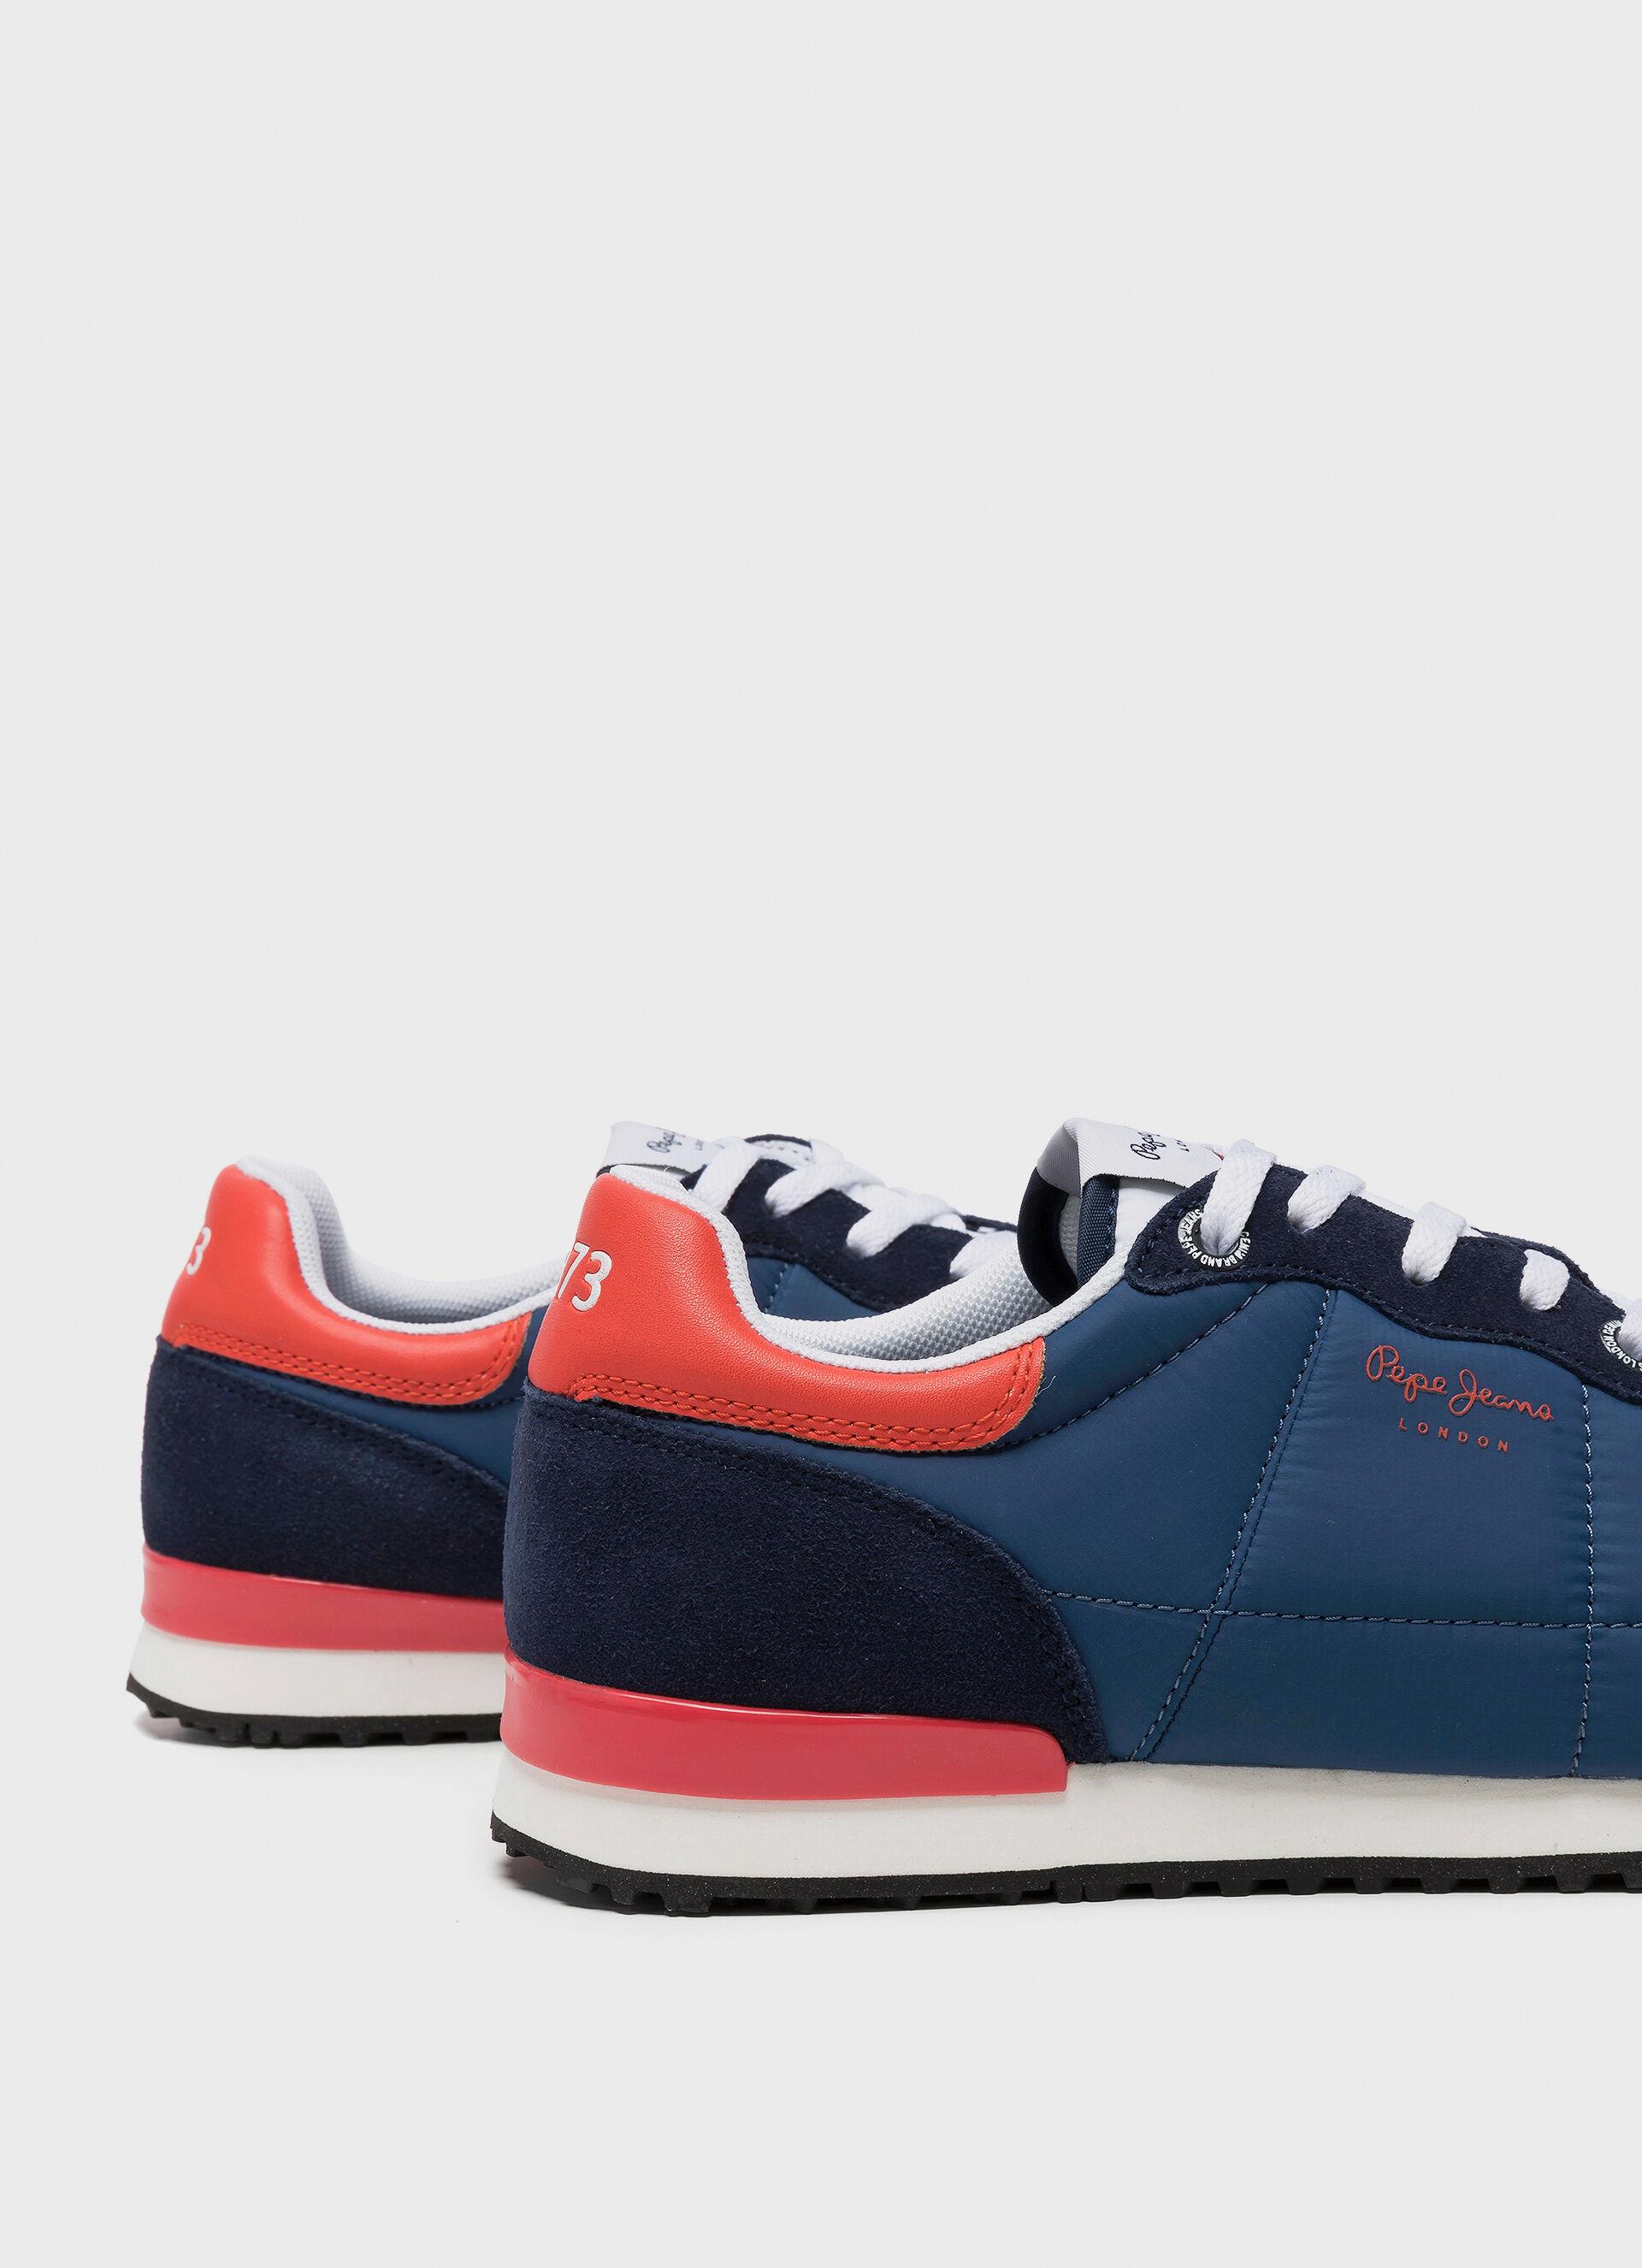 Basic Tinker Sport Combinées Chaussures De Nylon SzMVpGqU